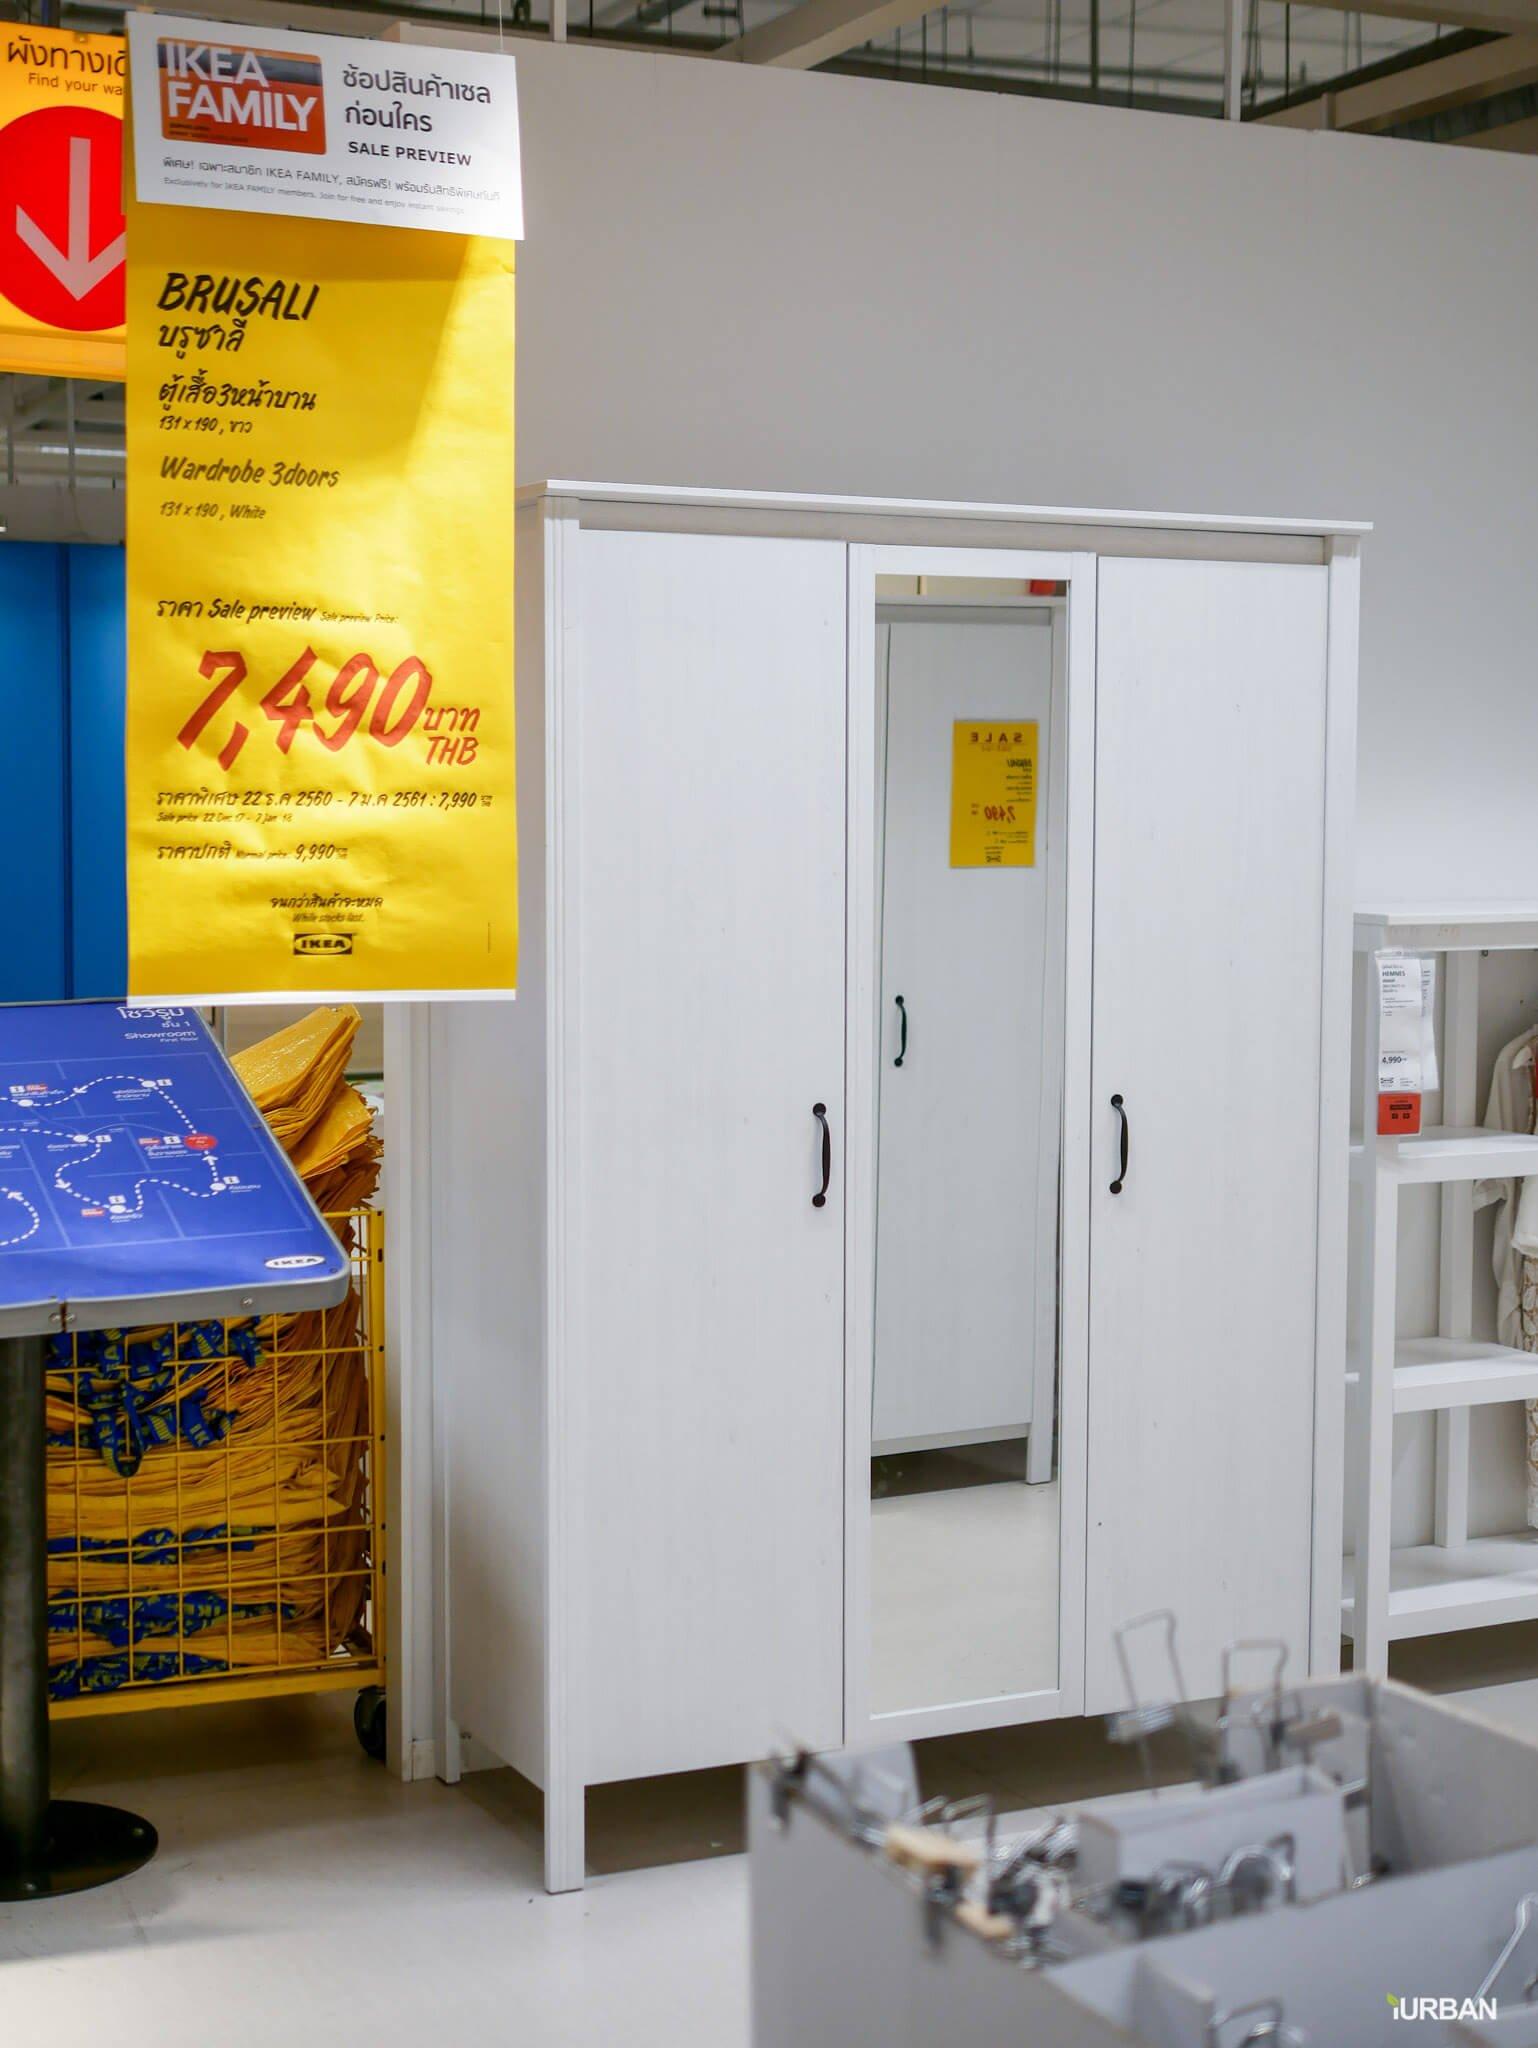 มันเยอะมากกกก!! IKEA Year End SALE 2017 รวมของเซลในอิเกีย ลดเยอะ ลดแหลก รีบพุ่งตัวไป วันนี้ - 7 มกราคม 61 78 - IKEA (อิเกีย)